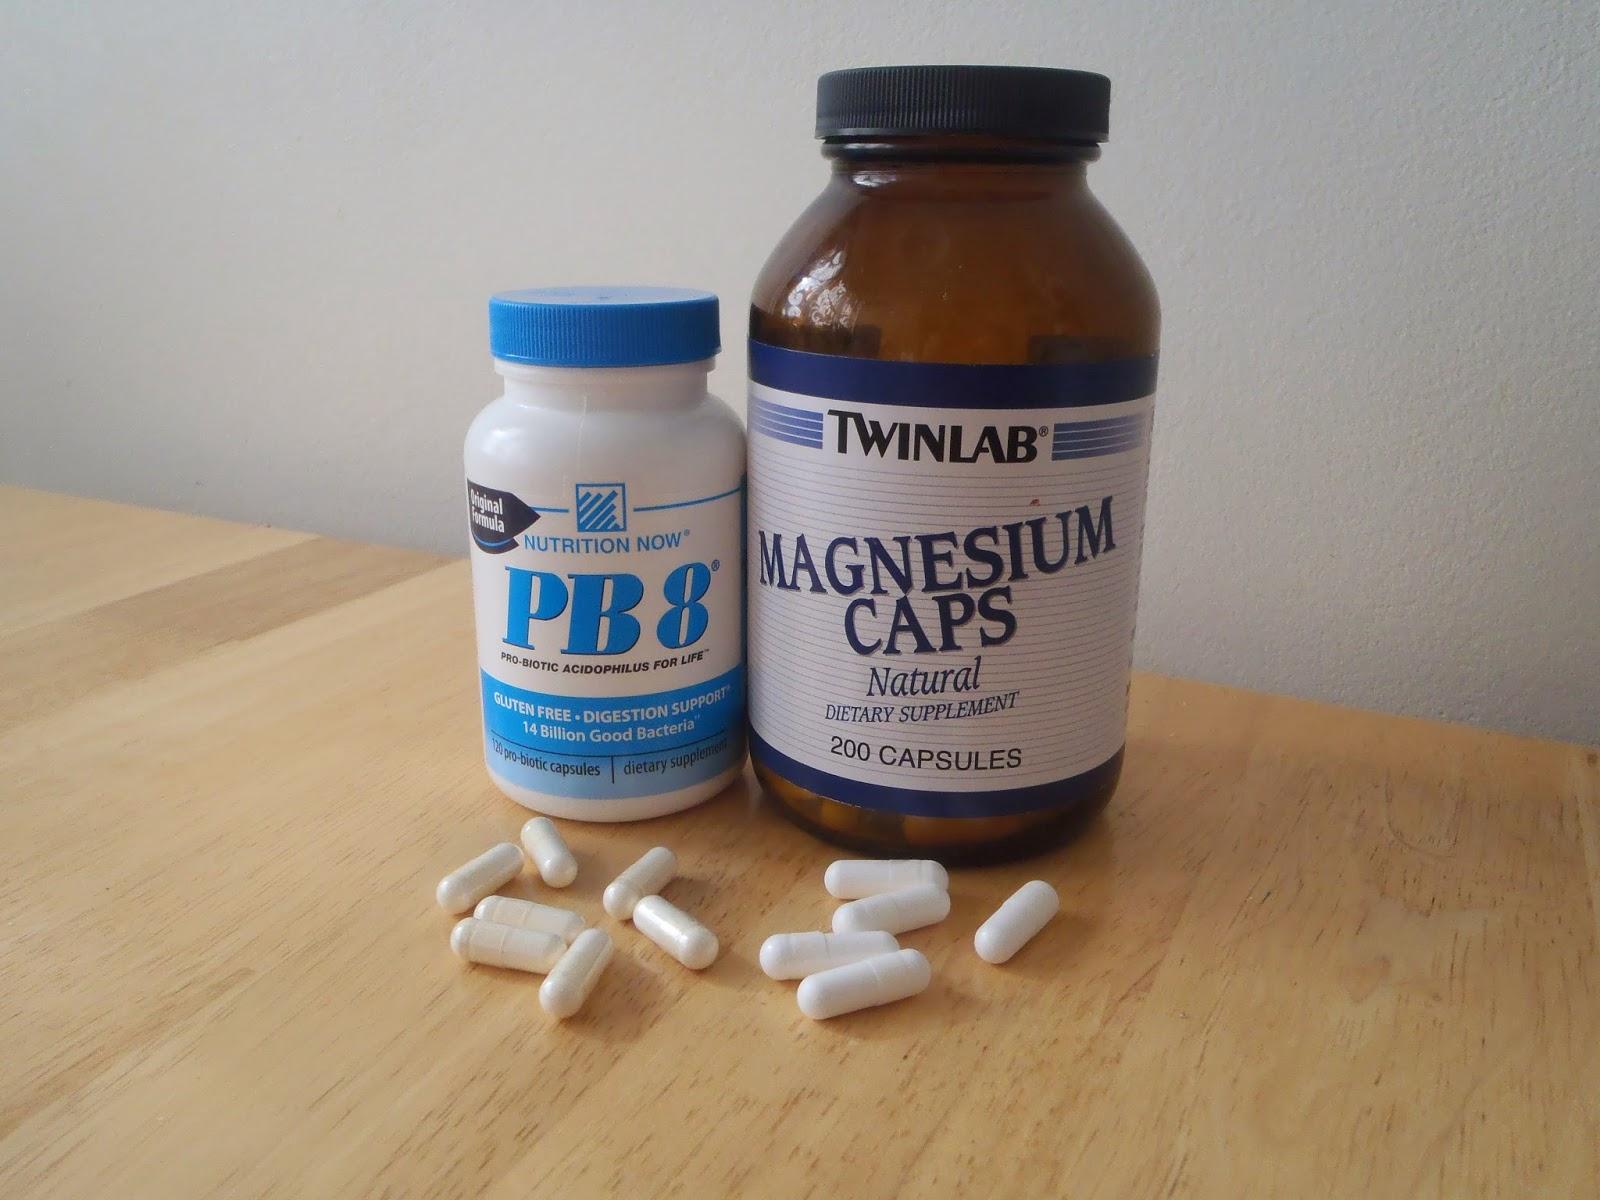 Raskausvitamiini